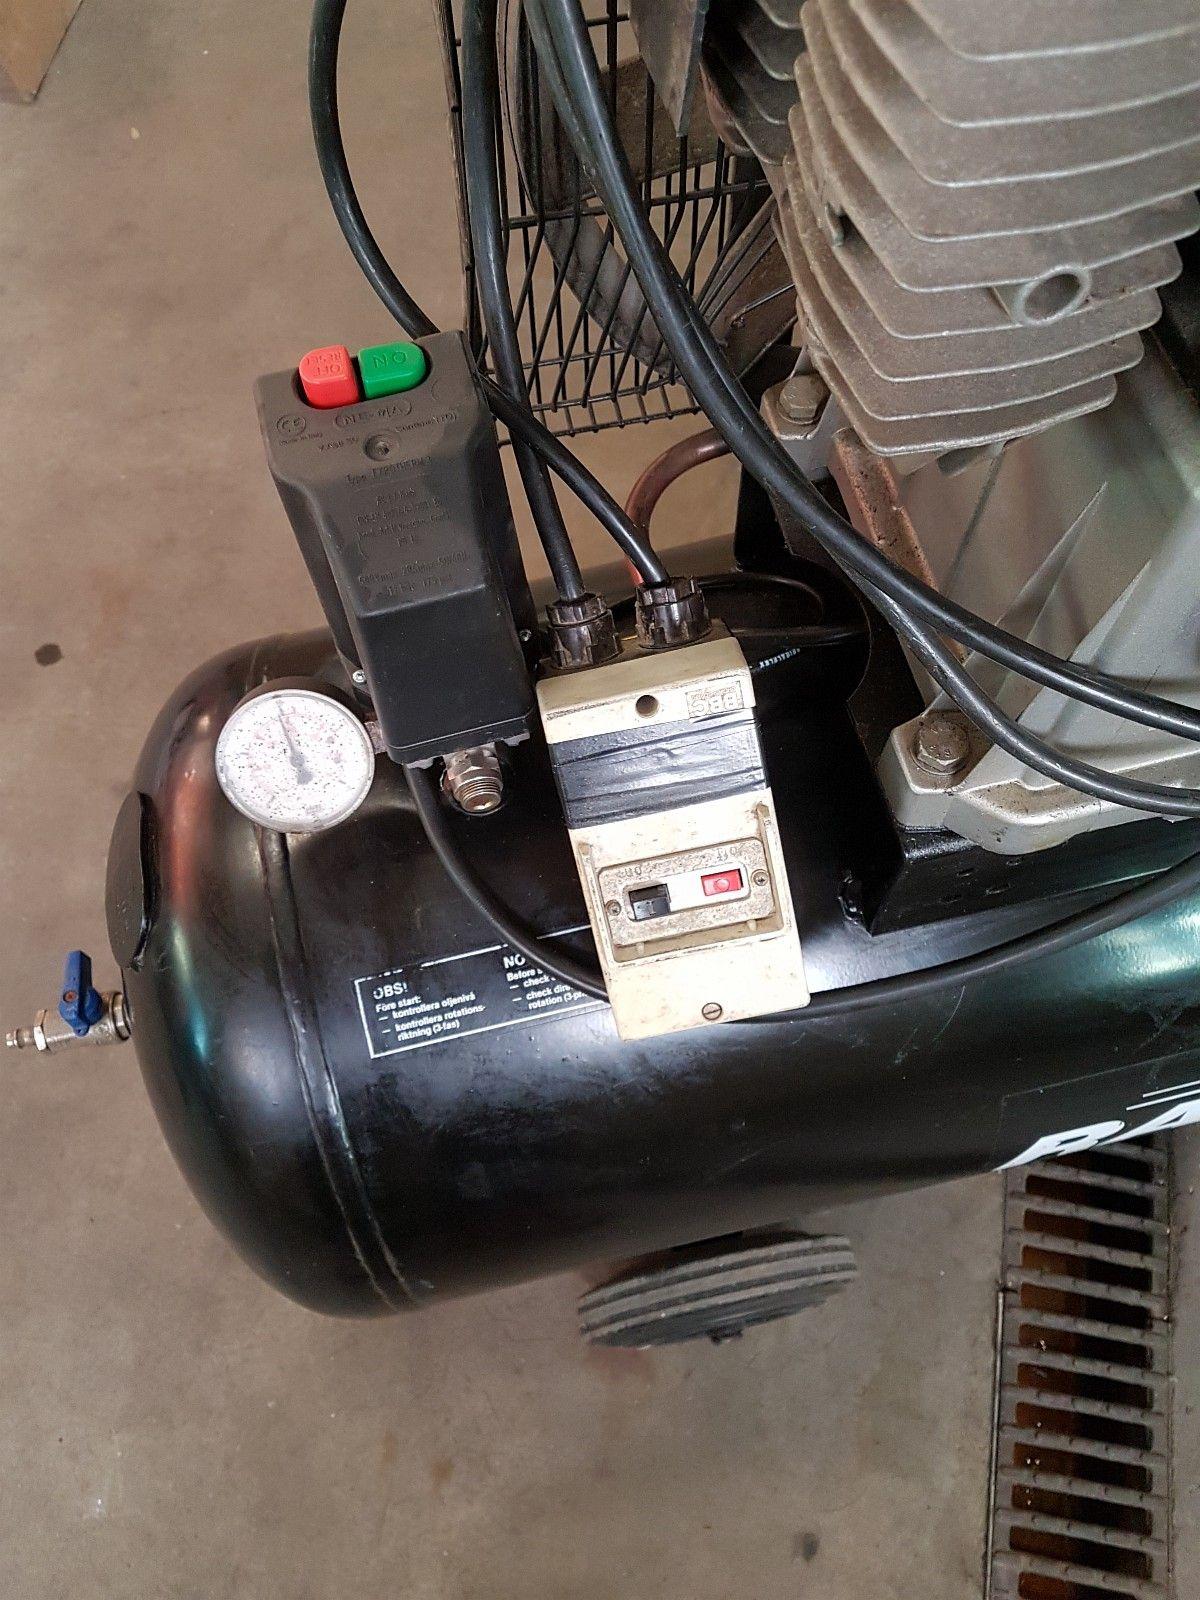 Race 200L Kompressor - Bryne  - Race 200L Kompressor i god stand. Selges pga endret behov. Har tidligere hatt denne stående for utlån i forbindelse med reparasjon og service av kunde kompressorer. Denne har påmontert motorvern og fjernstart automatikk slik at den kan for ek - Bryne